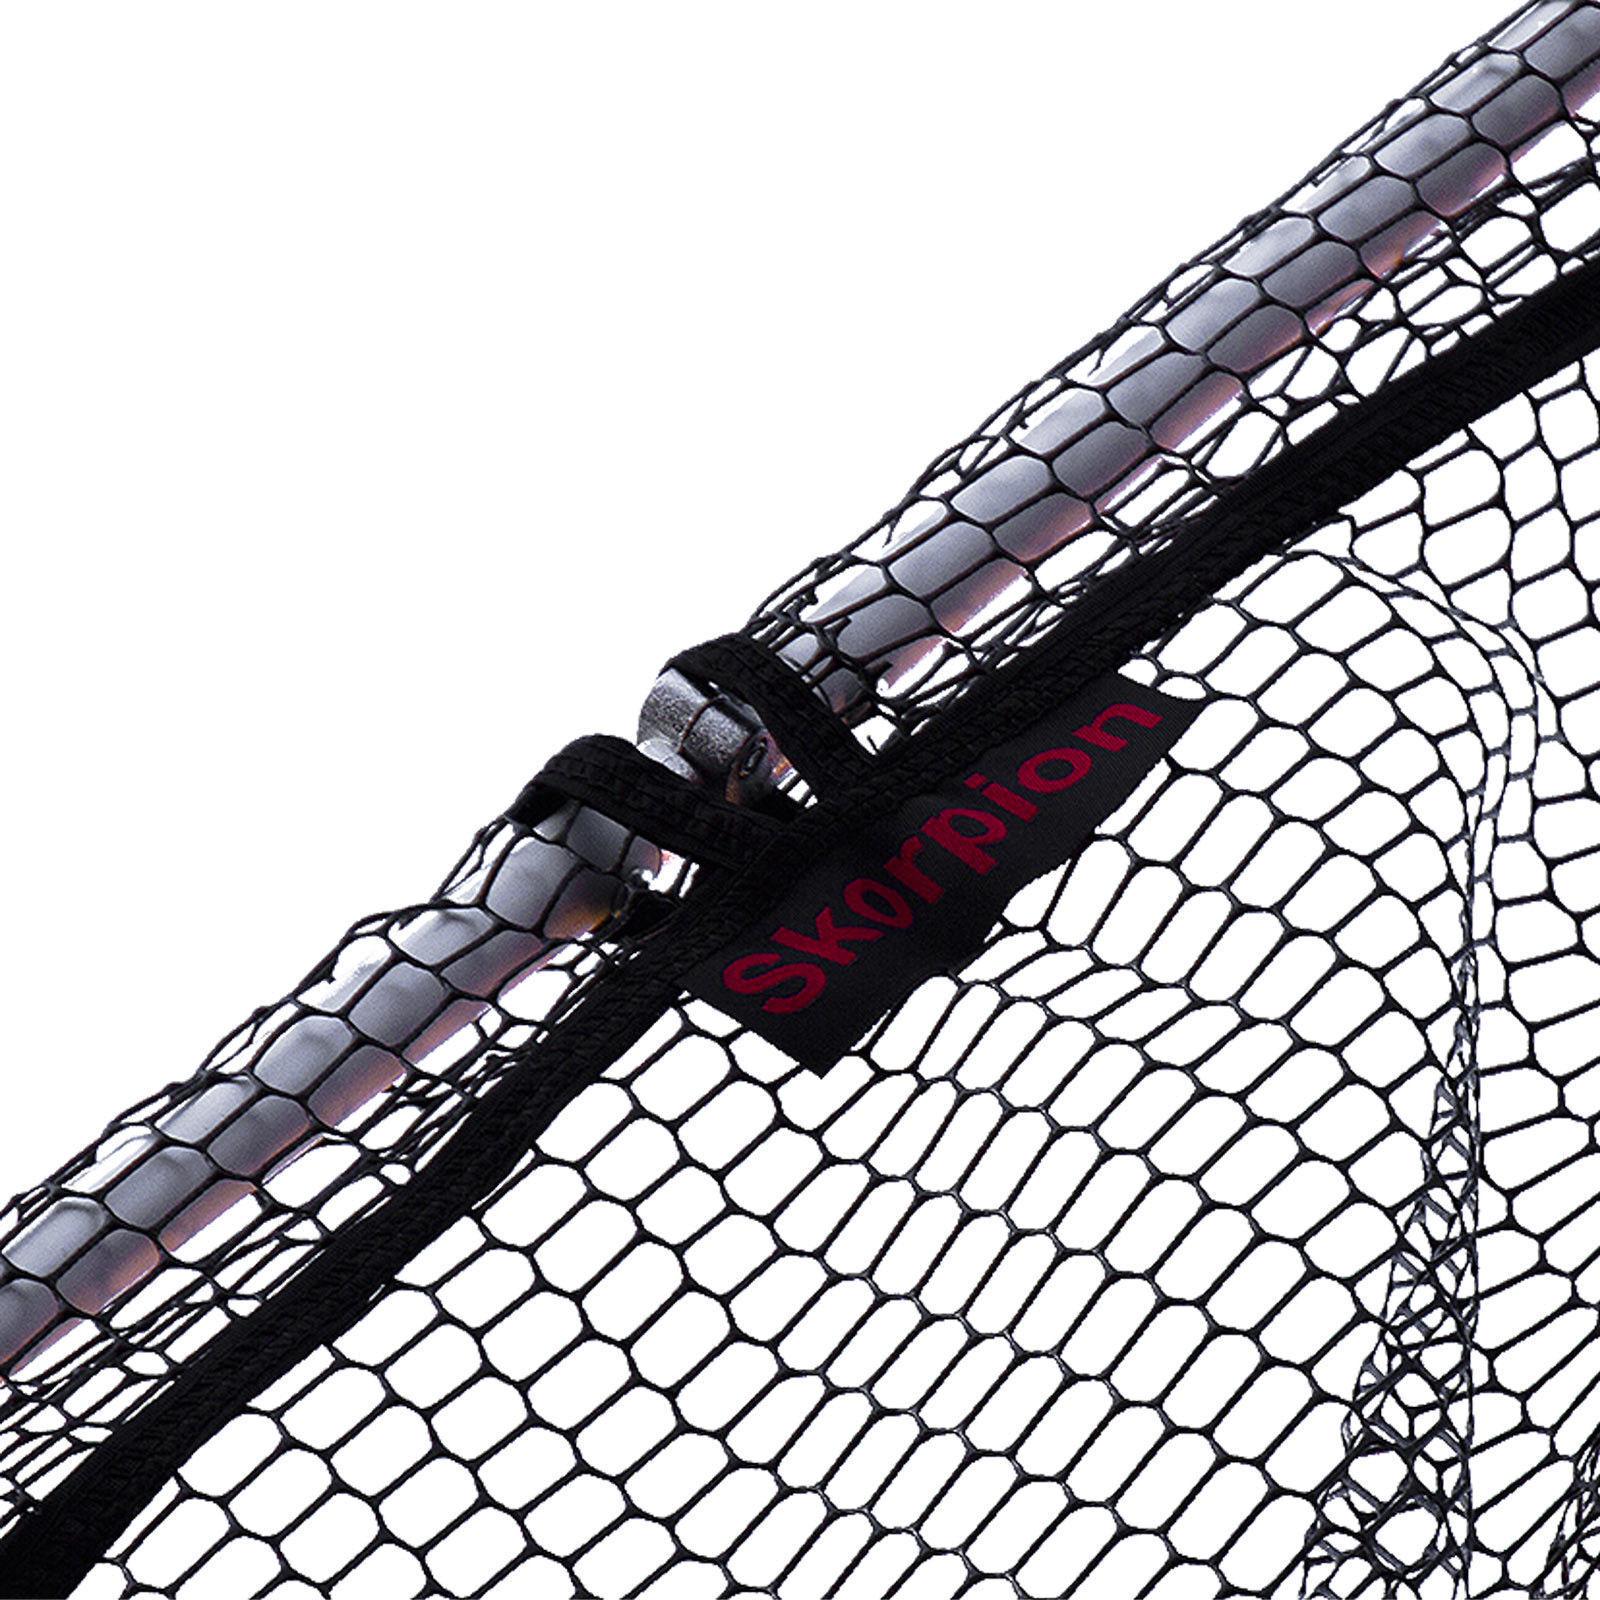 SUPER STABILE Sotto Pesca Guadino 260cm testa pieghevole in in in metallo rivestimento in gomma guadino rete 93aaac